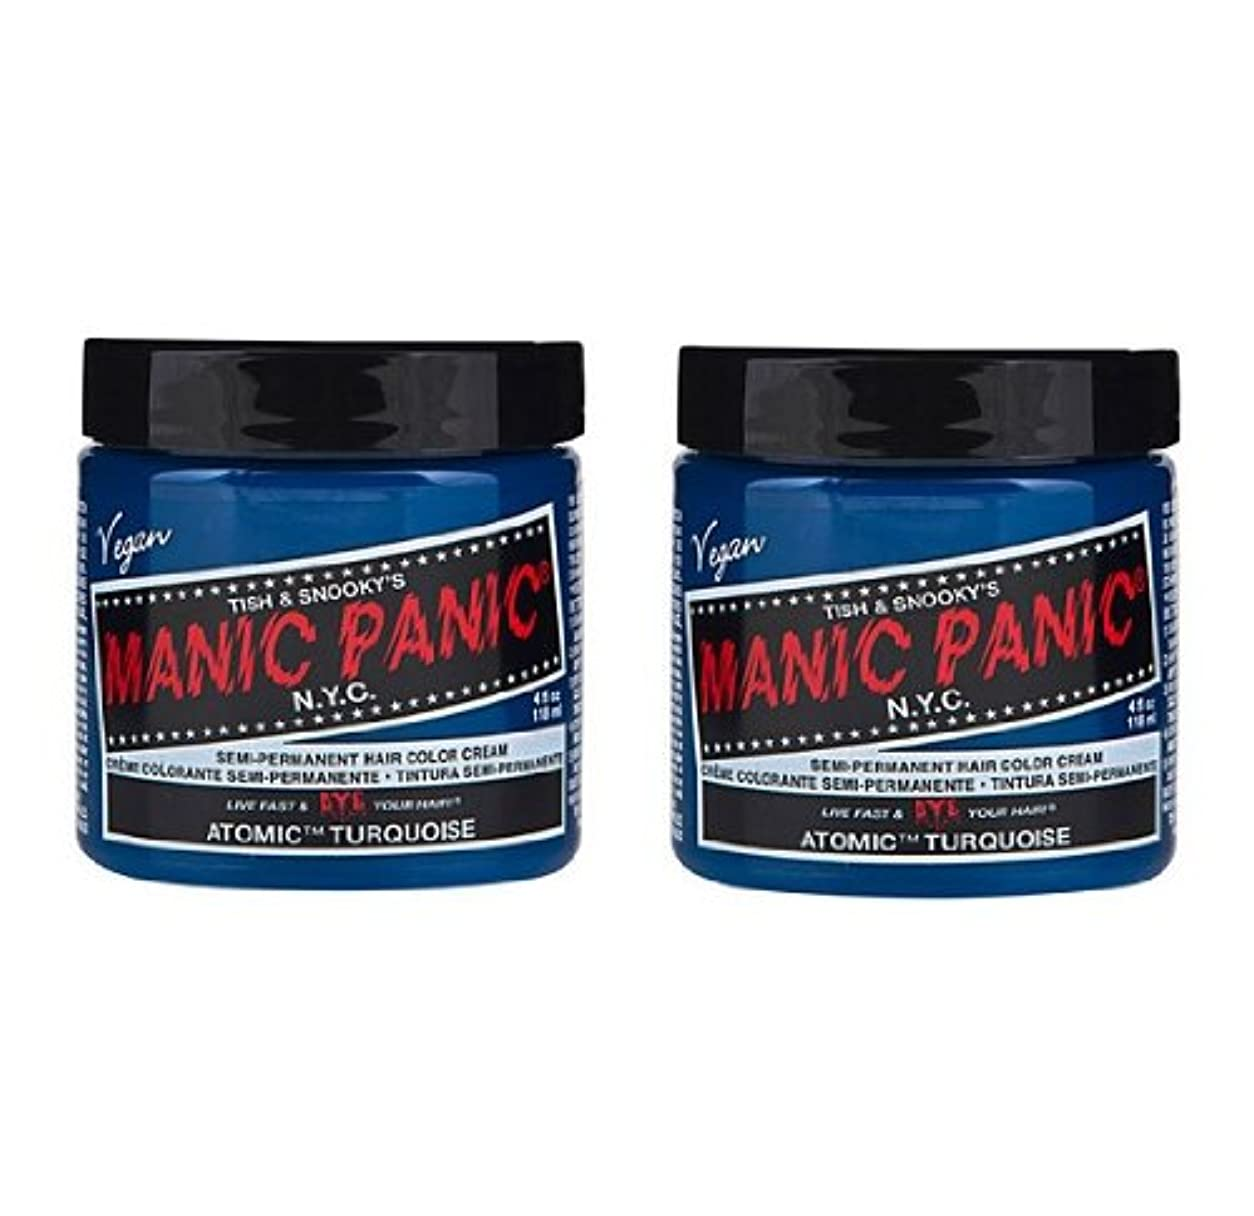 普通の汚物プレビュー【2個セット】MANIC PANIC マニックパニック Atomic Turquoise アトミックターコイズ 118ml